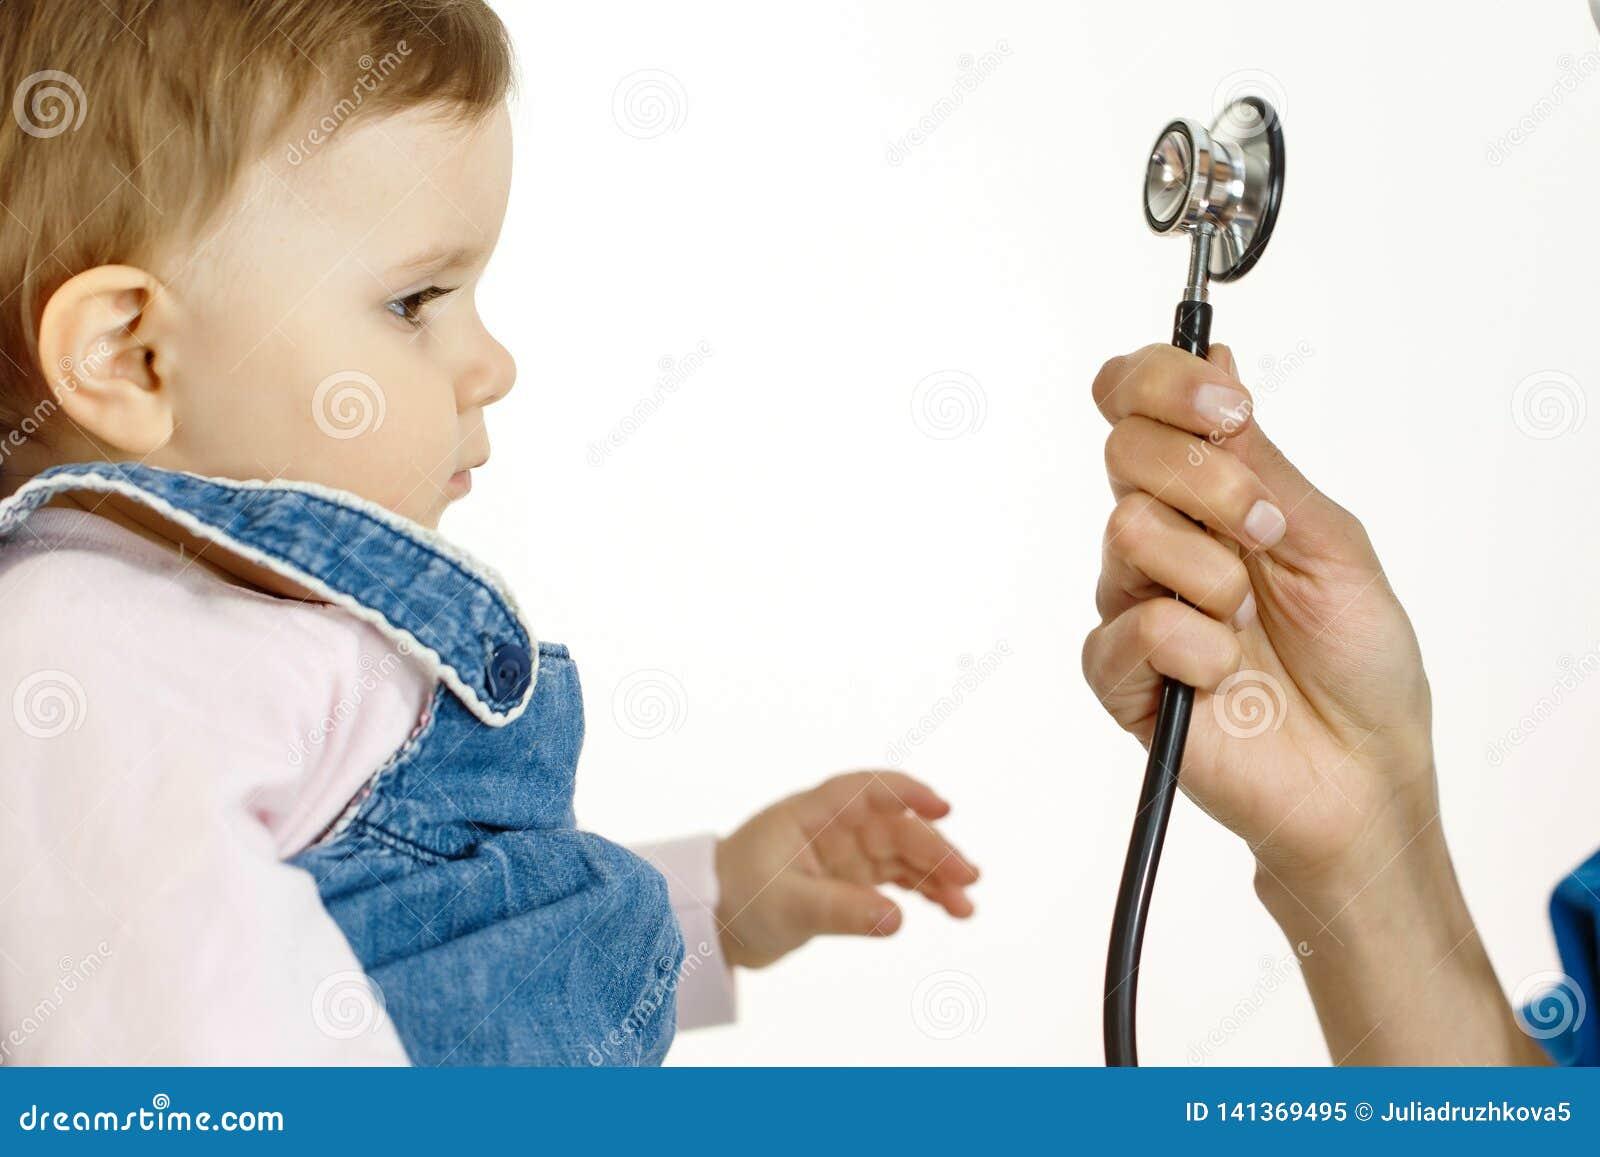 Небольшой ребенок смотрит стетоскоп и вытягивает его руку к нему